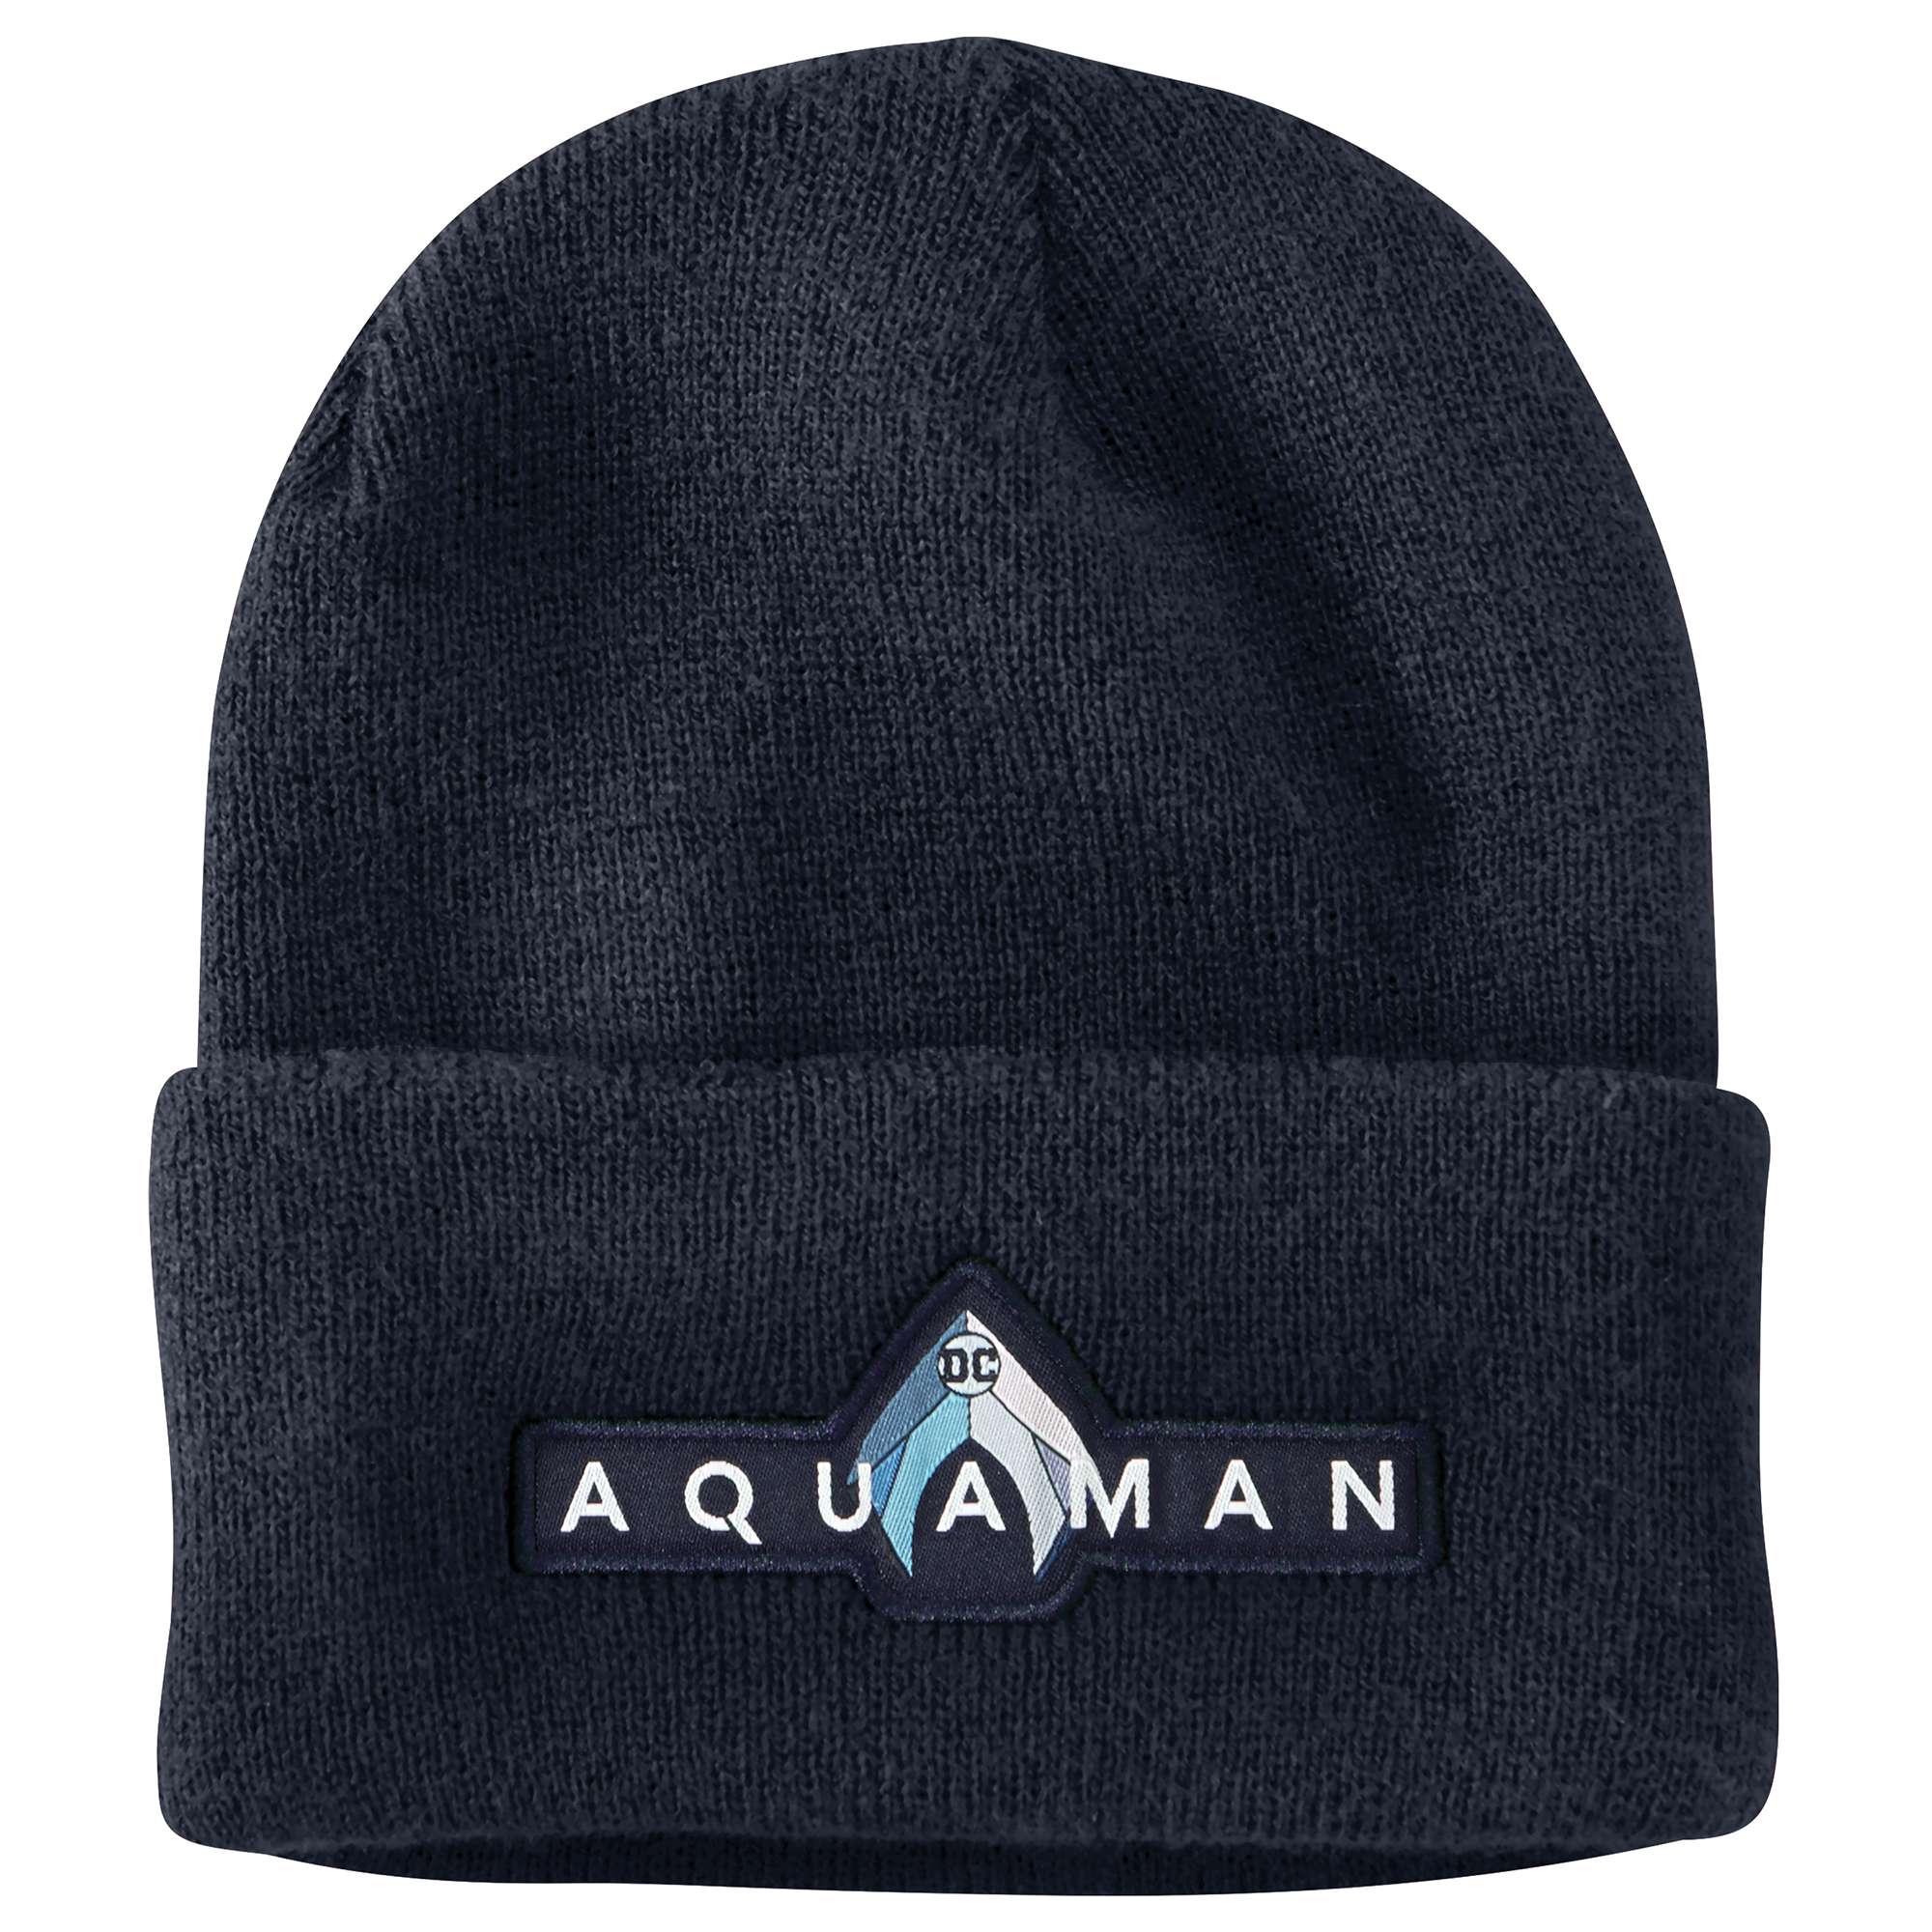 Carhartt Aquaman Arcylic Watch Hat